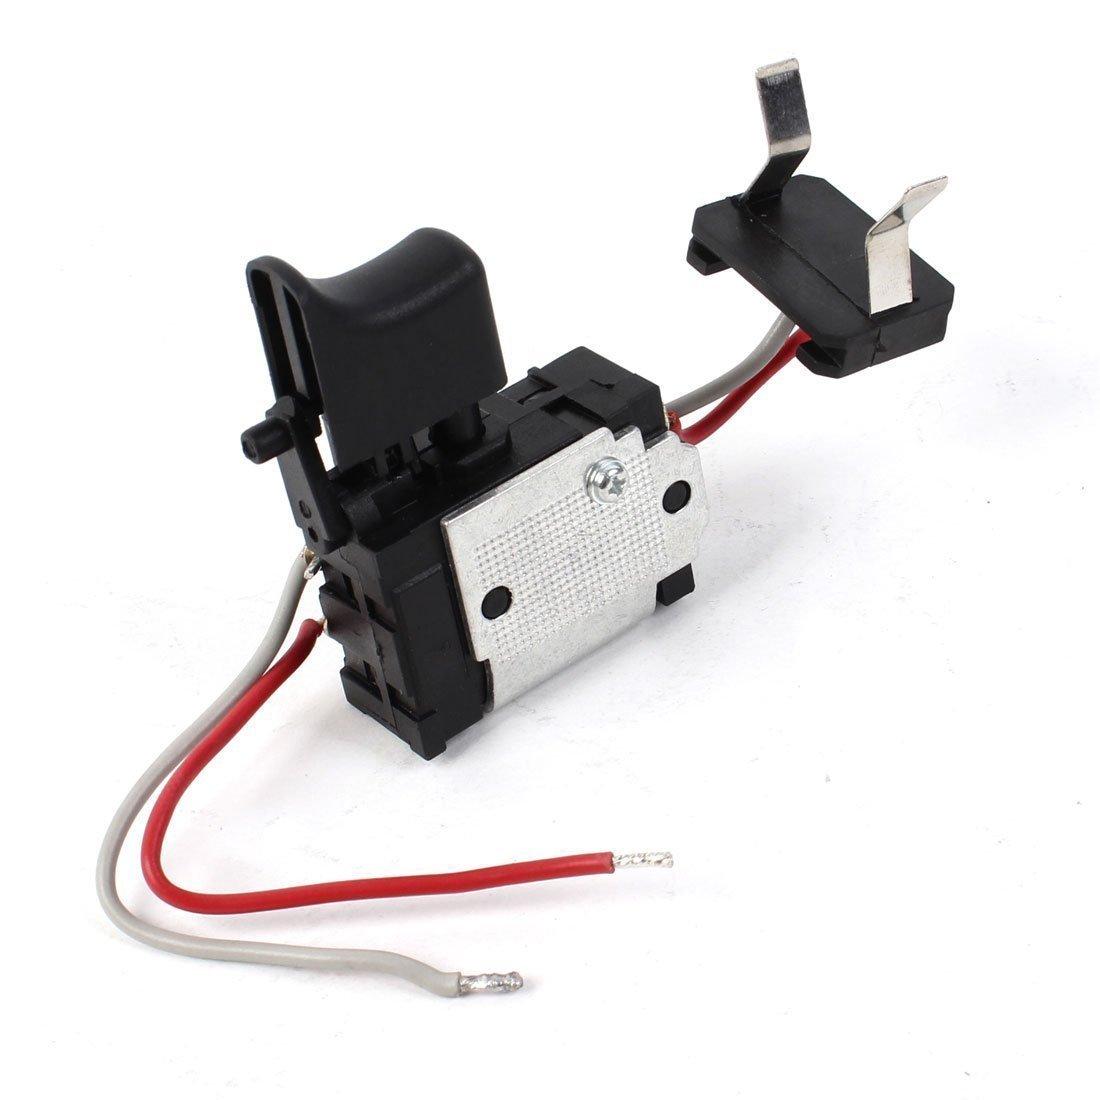 Sourcingmap a13112000ux0555-24vdc 5-15a actuador momentá neo taladro elé ctrico interruptor de cable